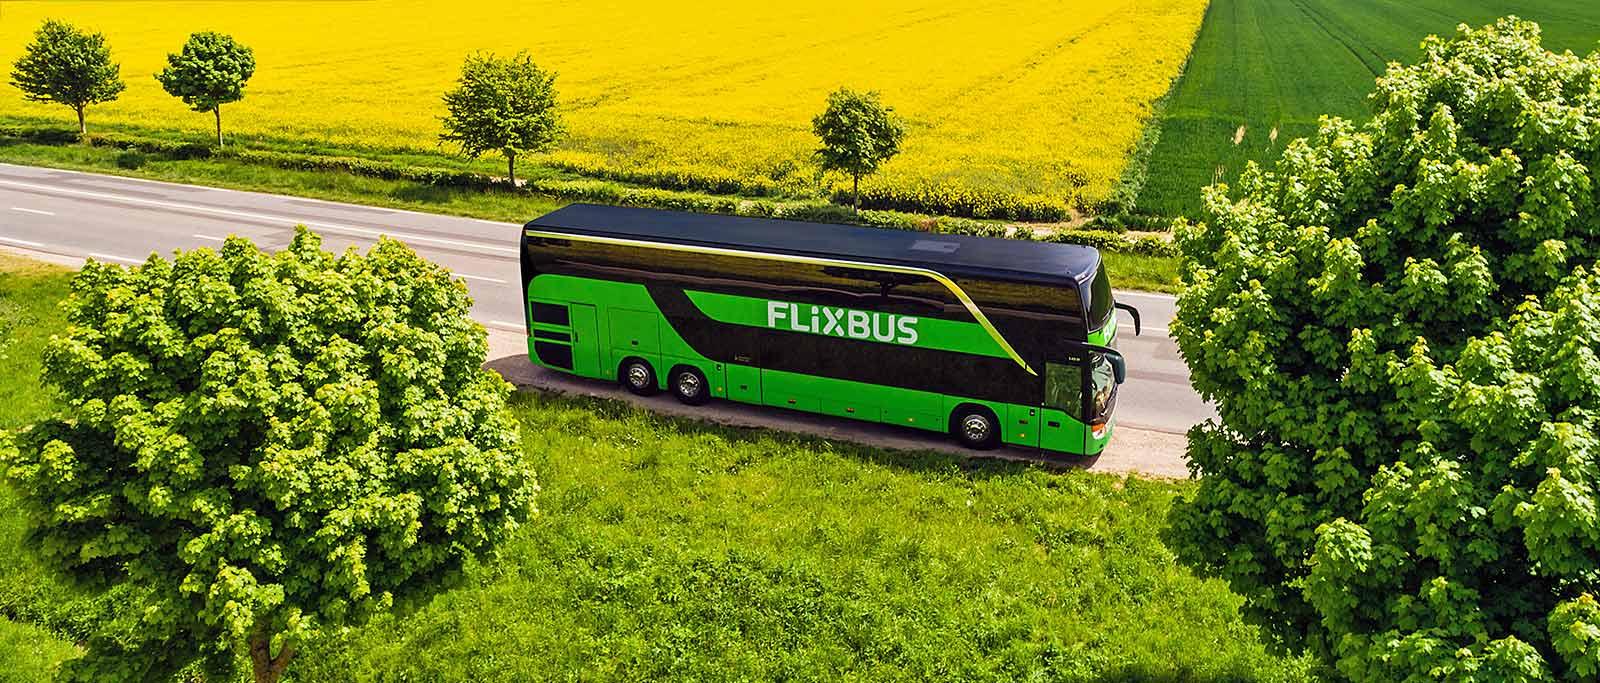 Viajes en flix bus a 0.99€